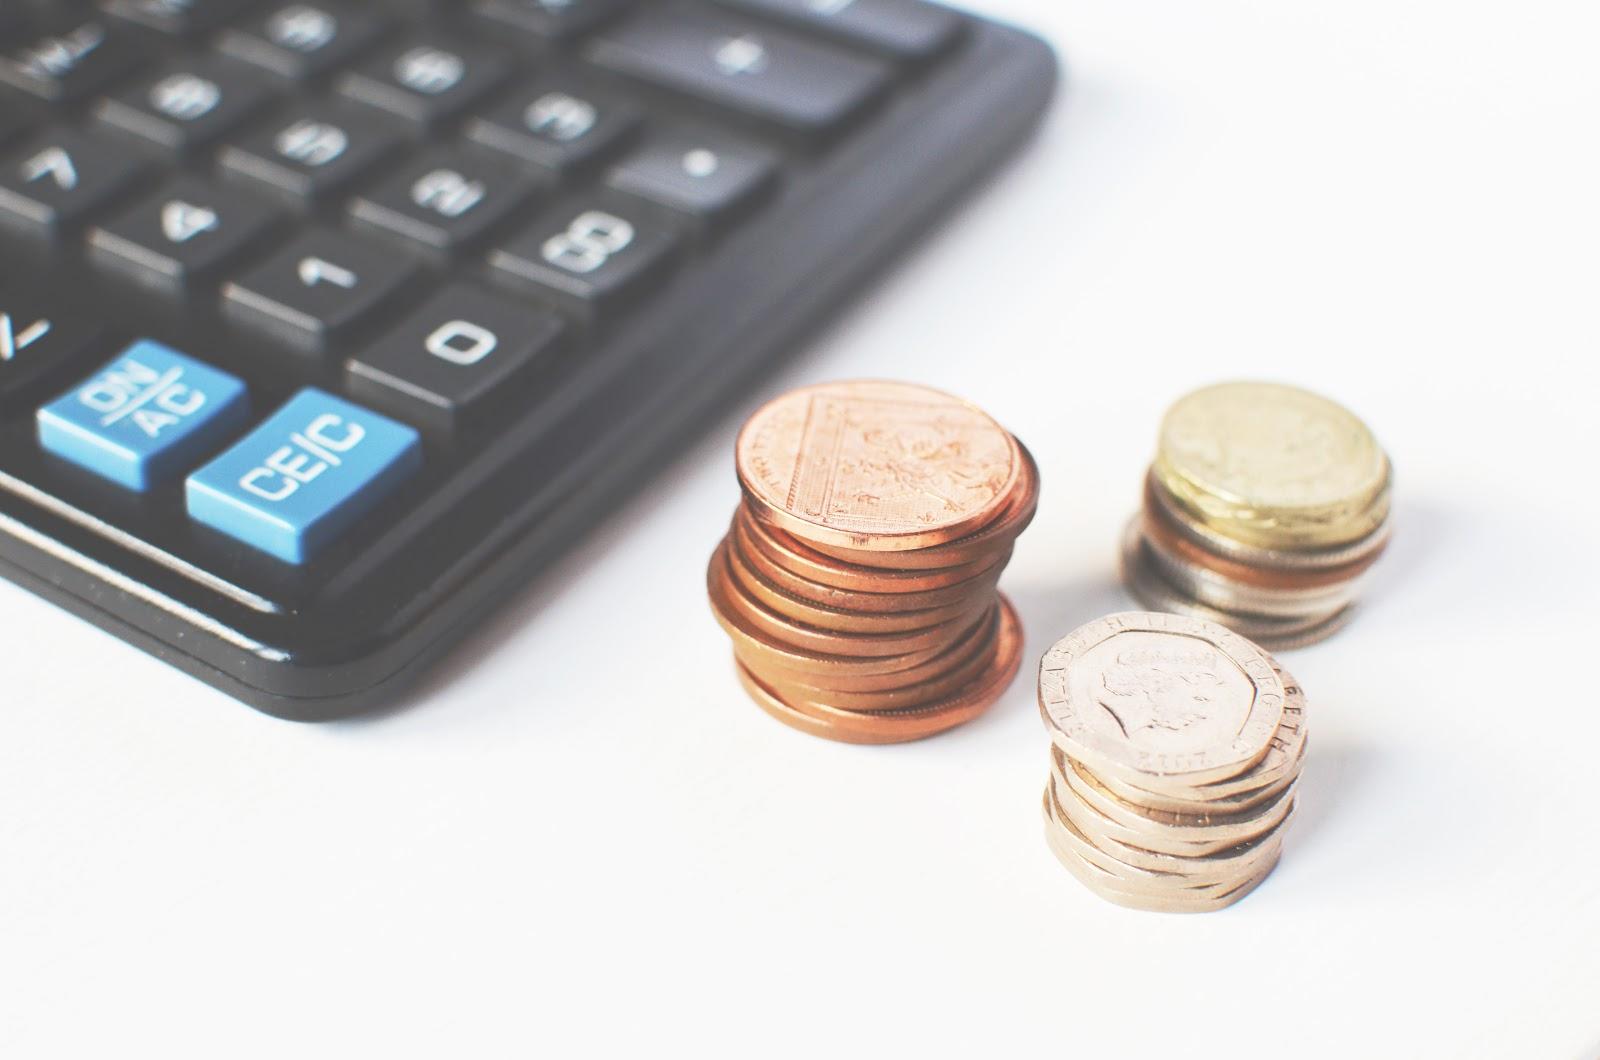 Sparen beim Einkaufen von Lebensmitteln | Spartipps | Geld sparen | Tipps fürs Sparen | Sparen im Alltag (3)